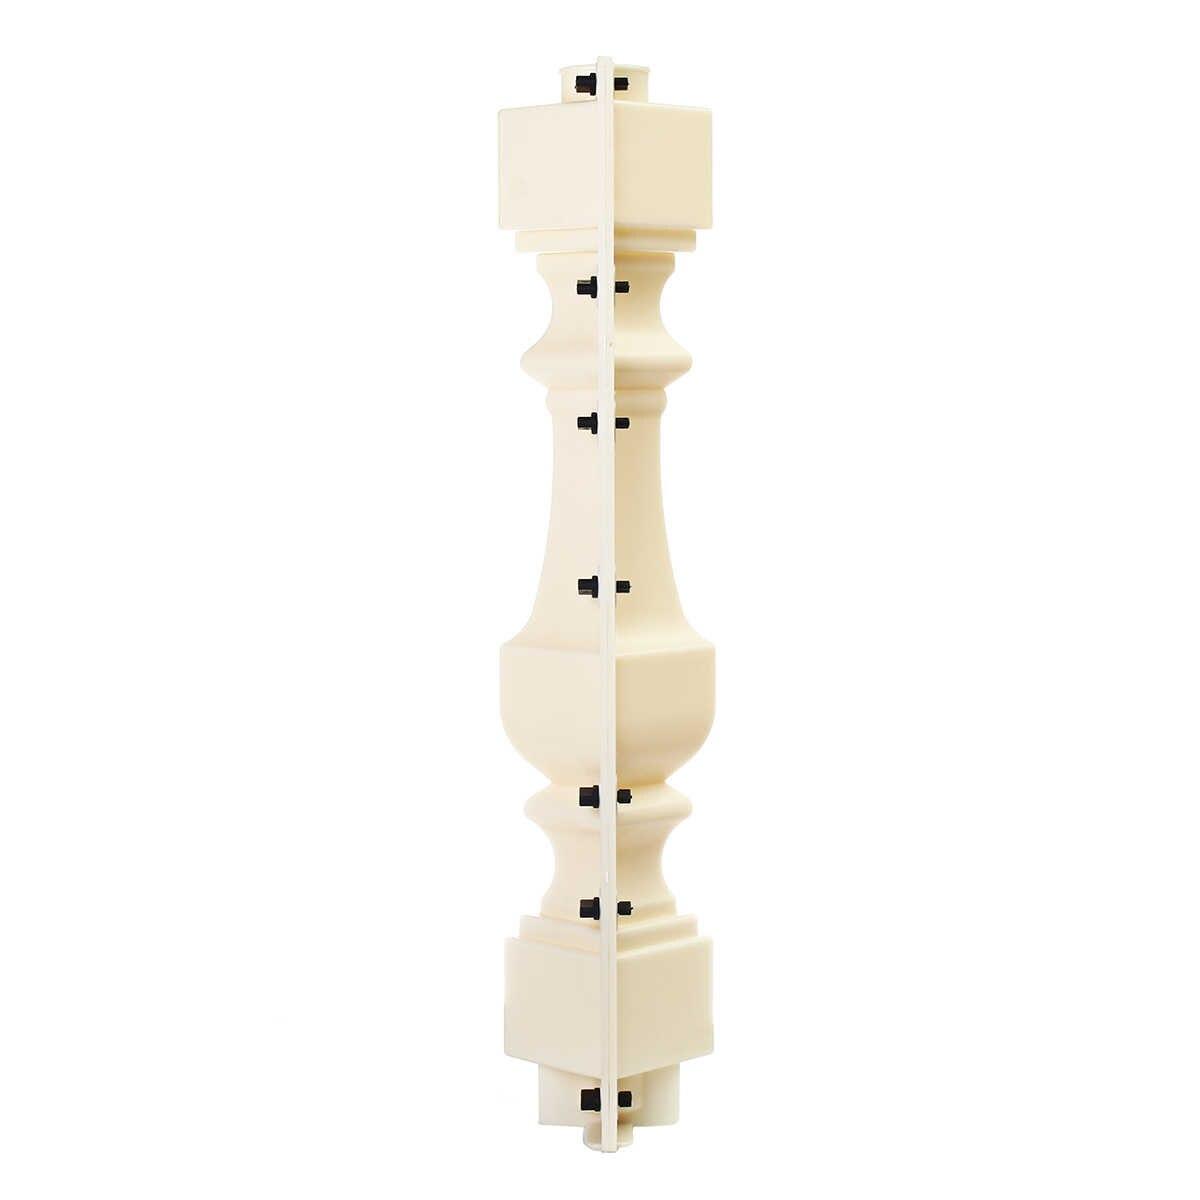 70 см формы для керамической плитки забор плесень римские пресс-форма-столбик Бетон цемент перила гипсовая форма сад балкон бассейн DIY ограждения здания